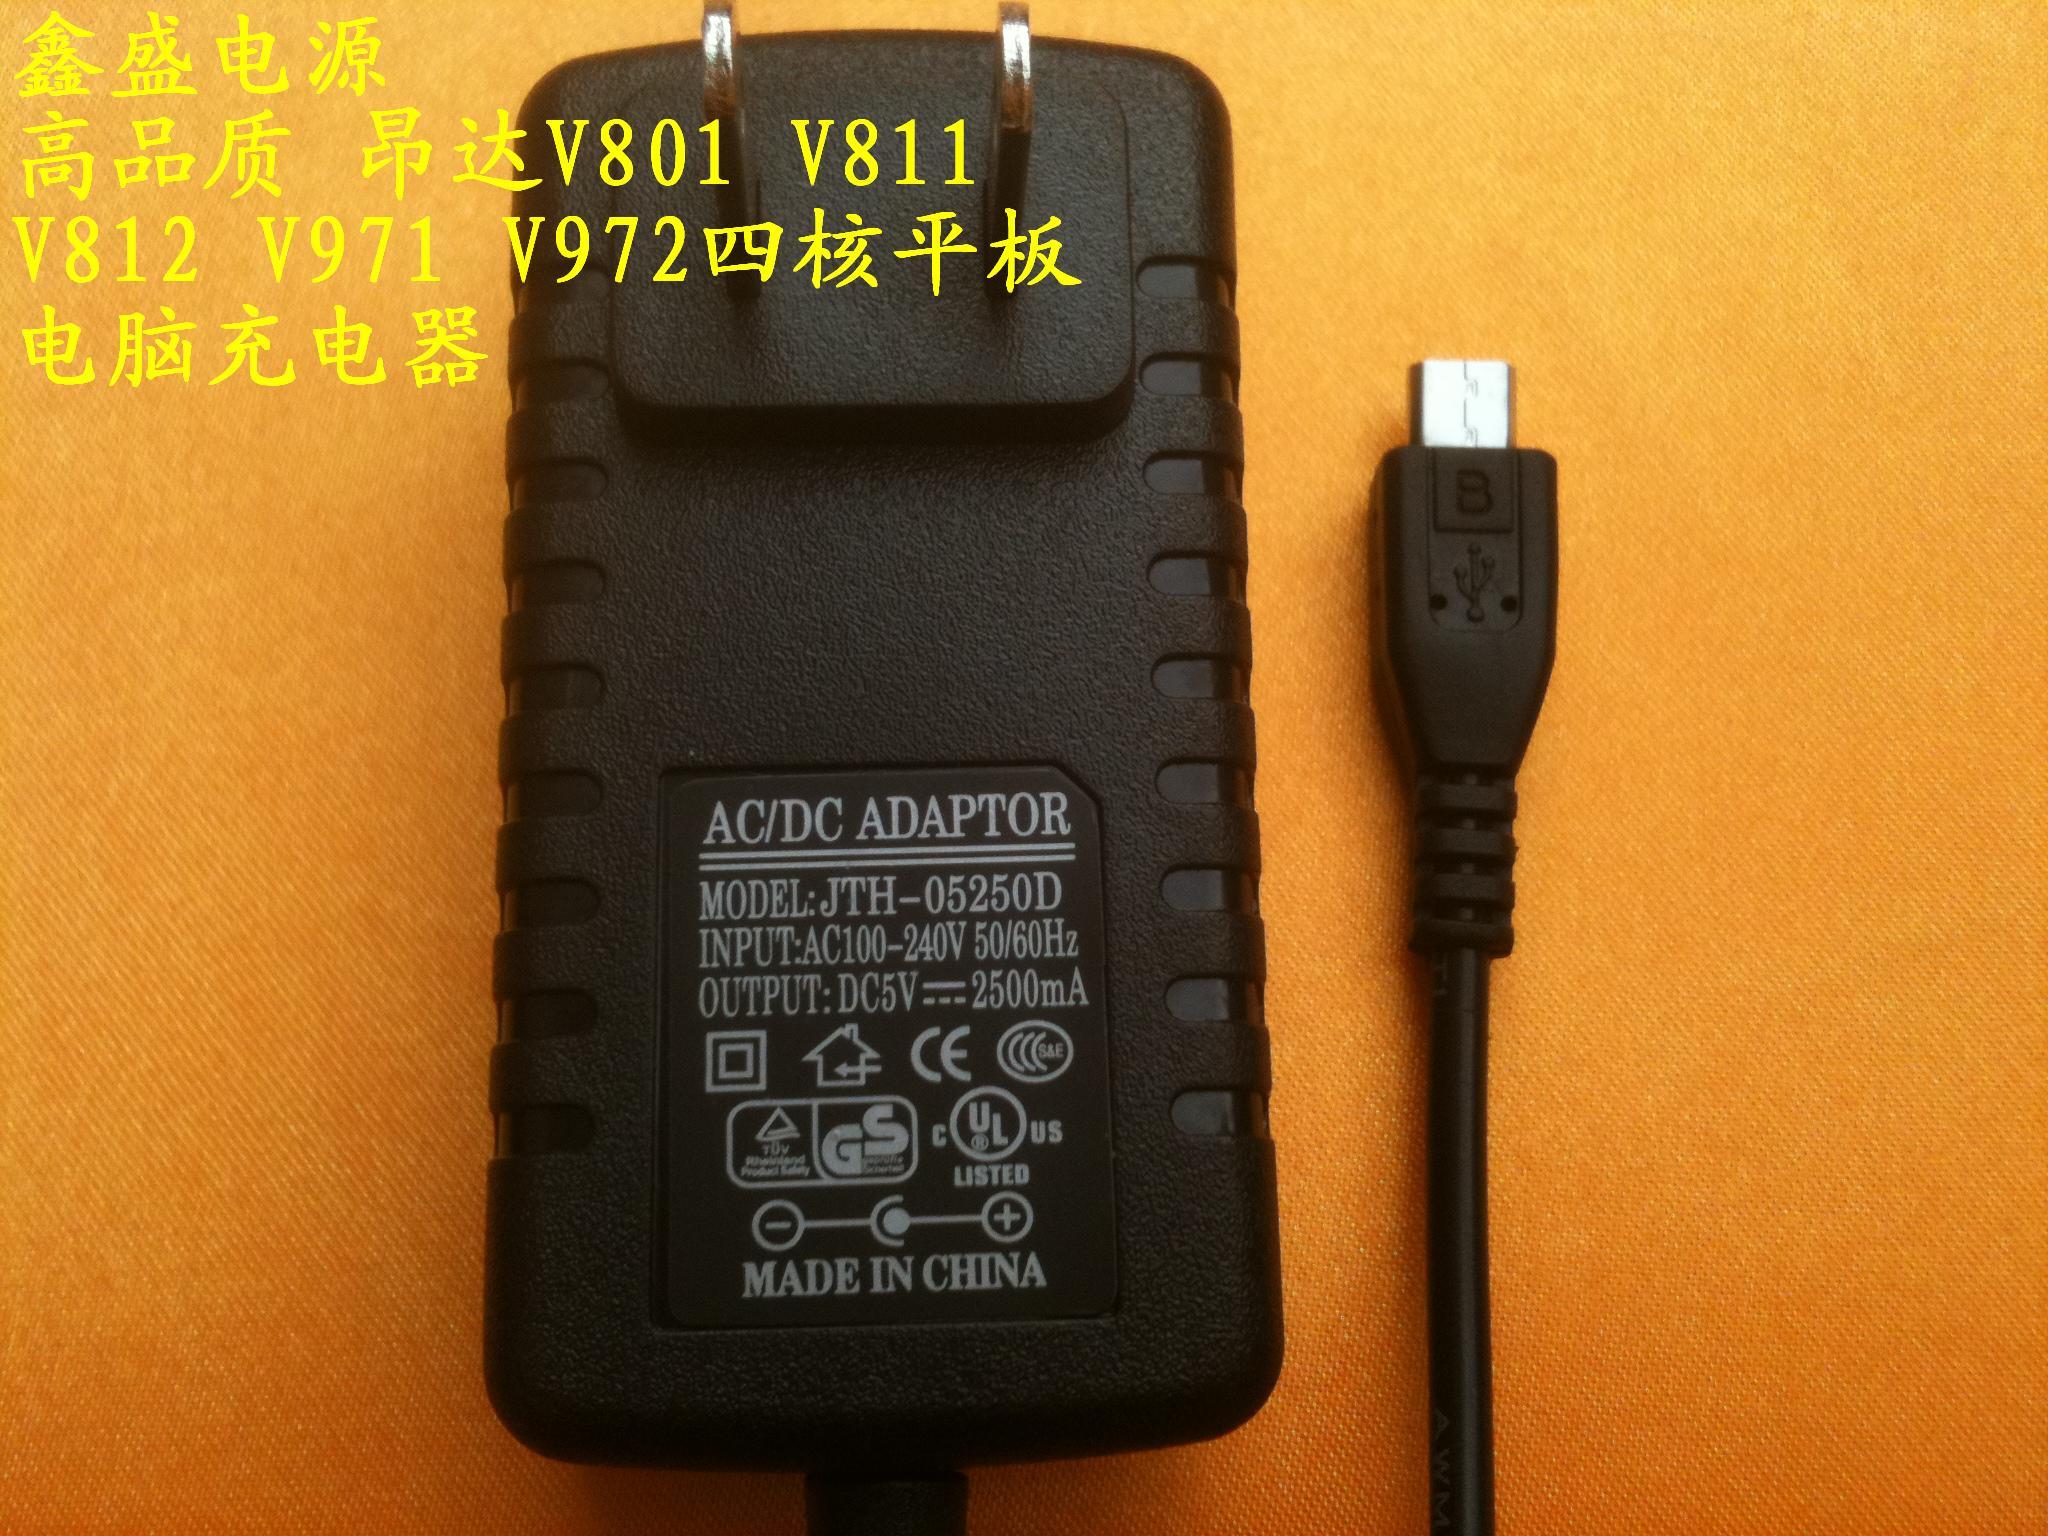 Onda v801 v811 v812 v971 v972 quad-core tablet charger